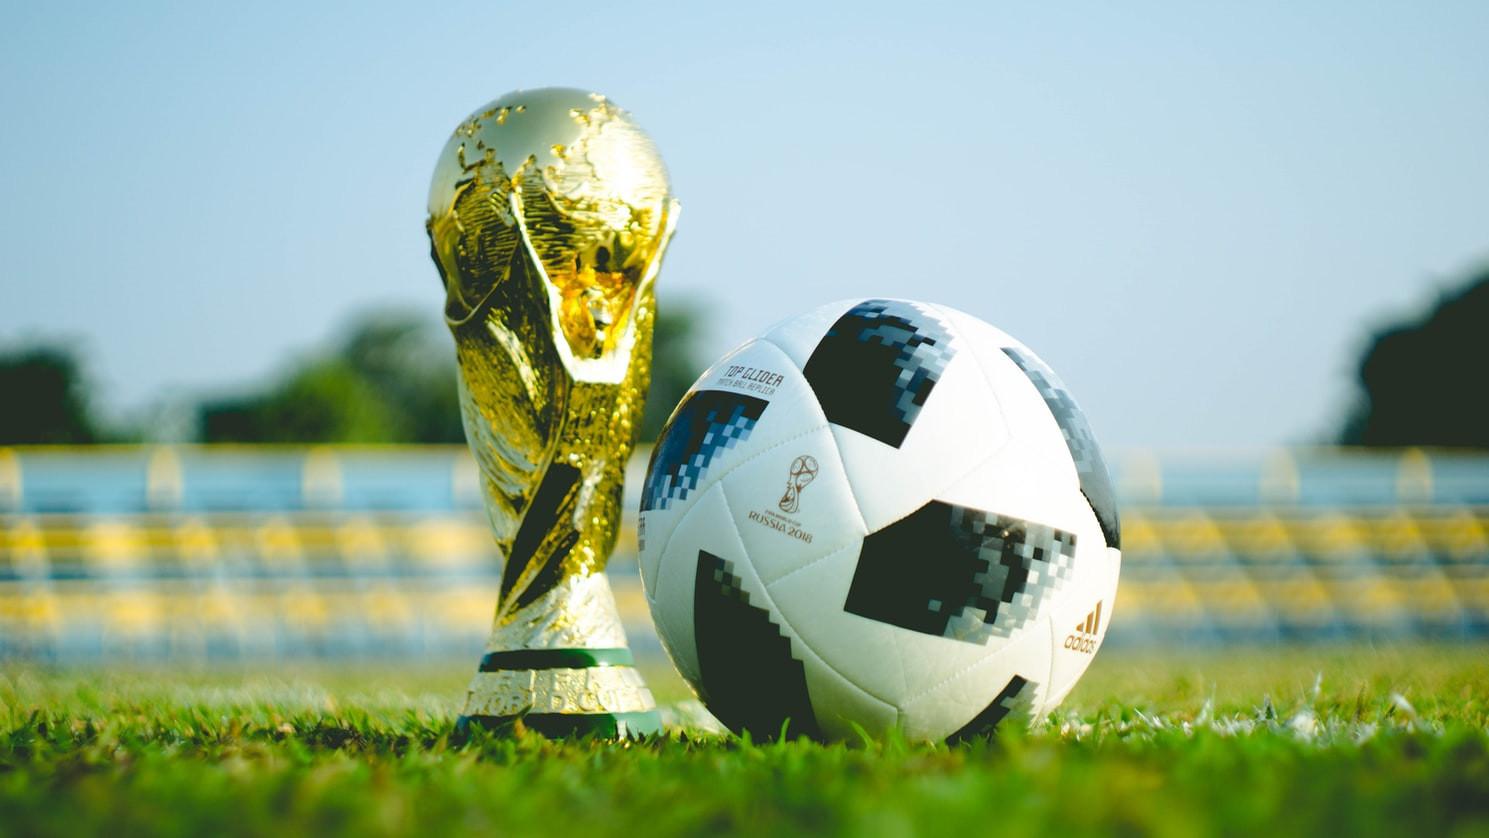 Чемпионат мира по футболу.jfif